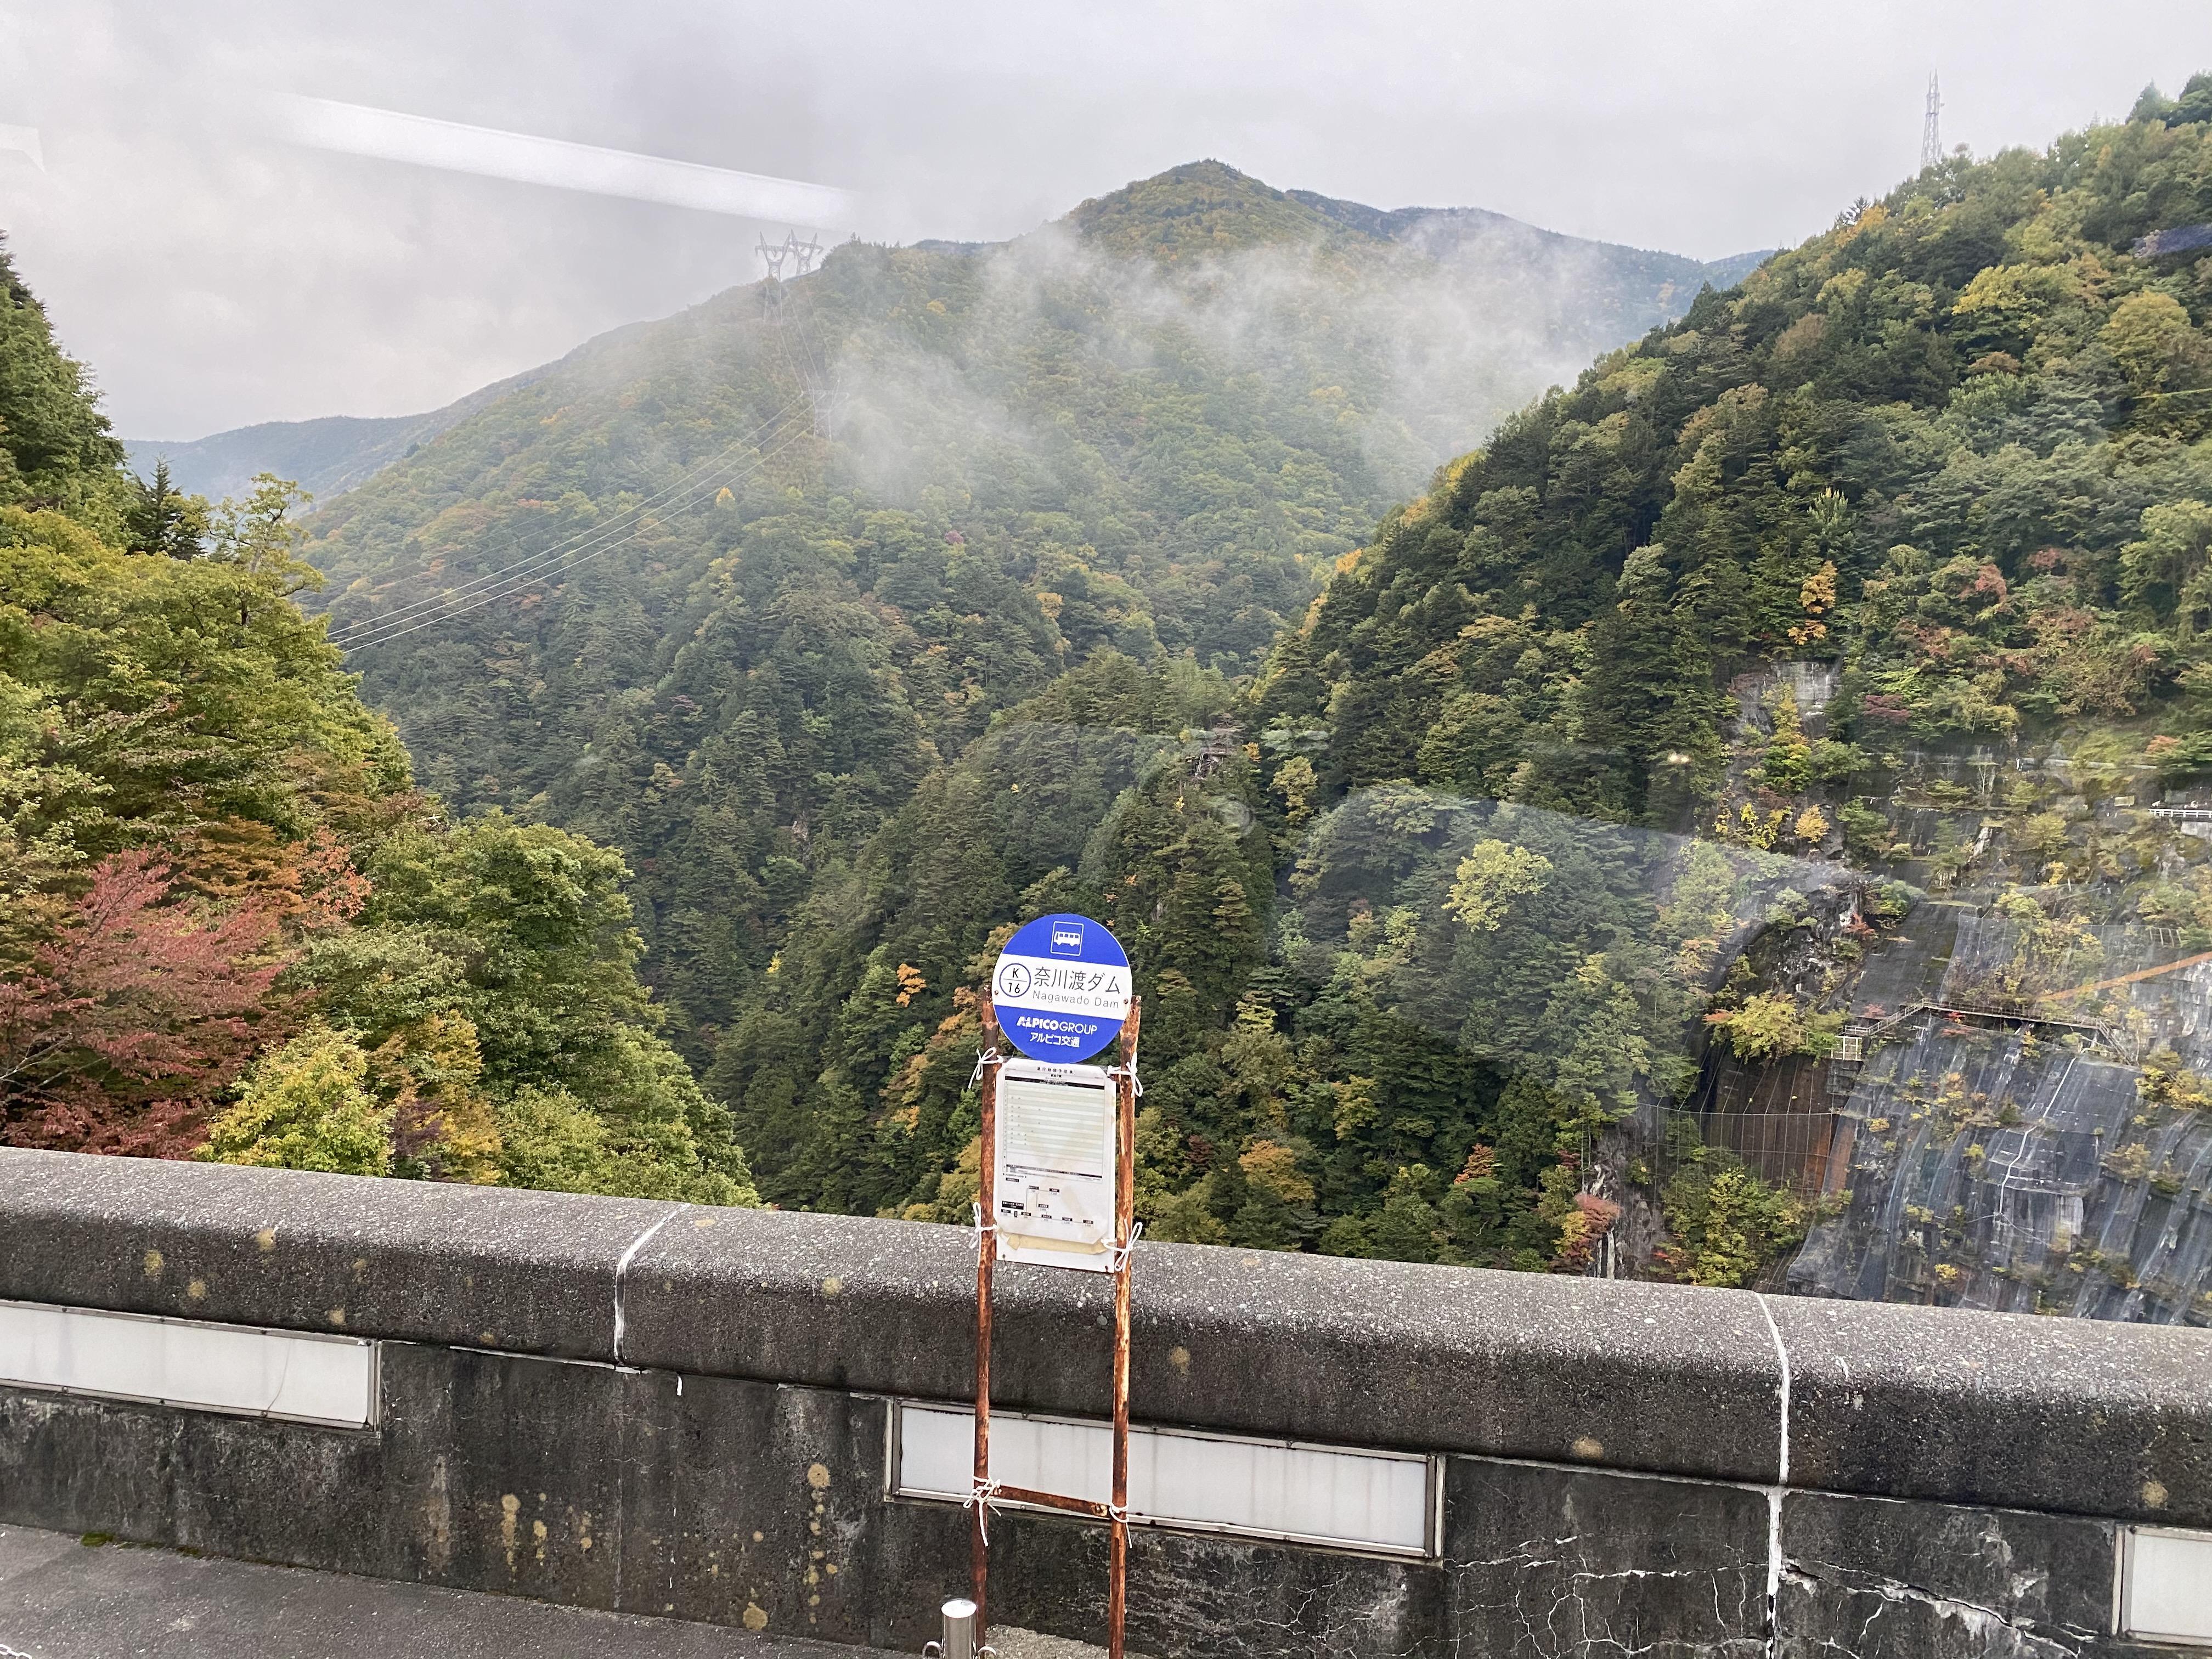 バス車内から奈川渡ダムを撮影